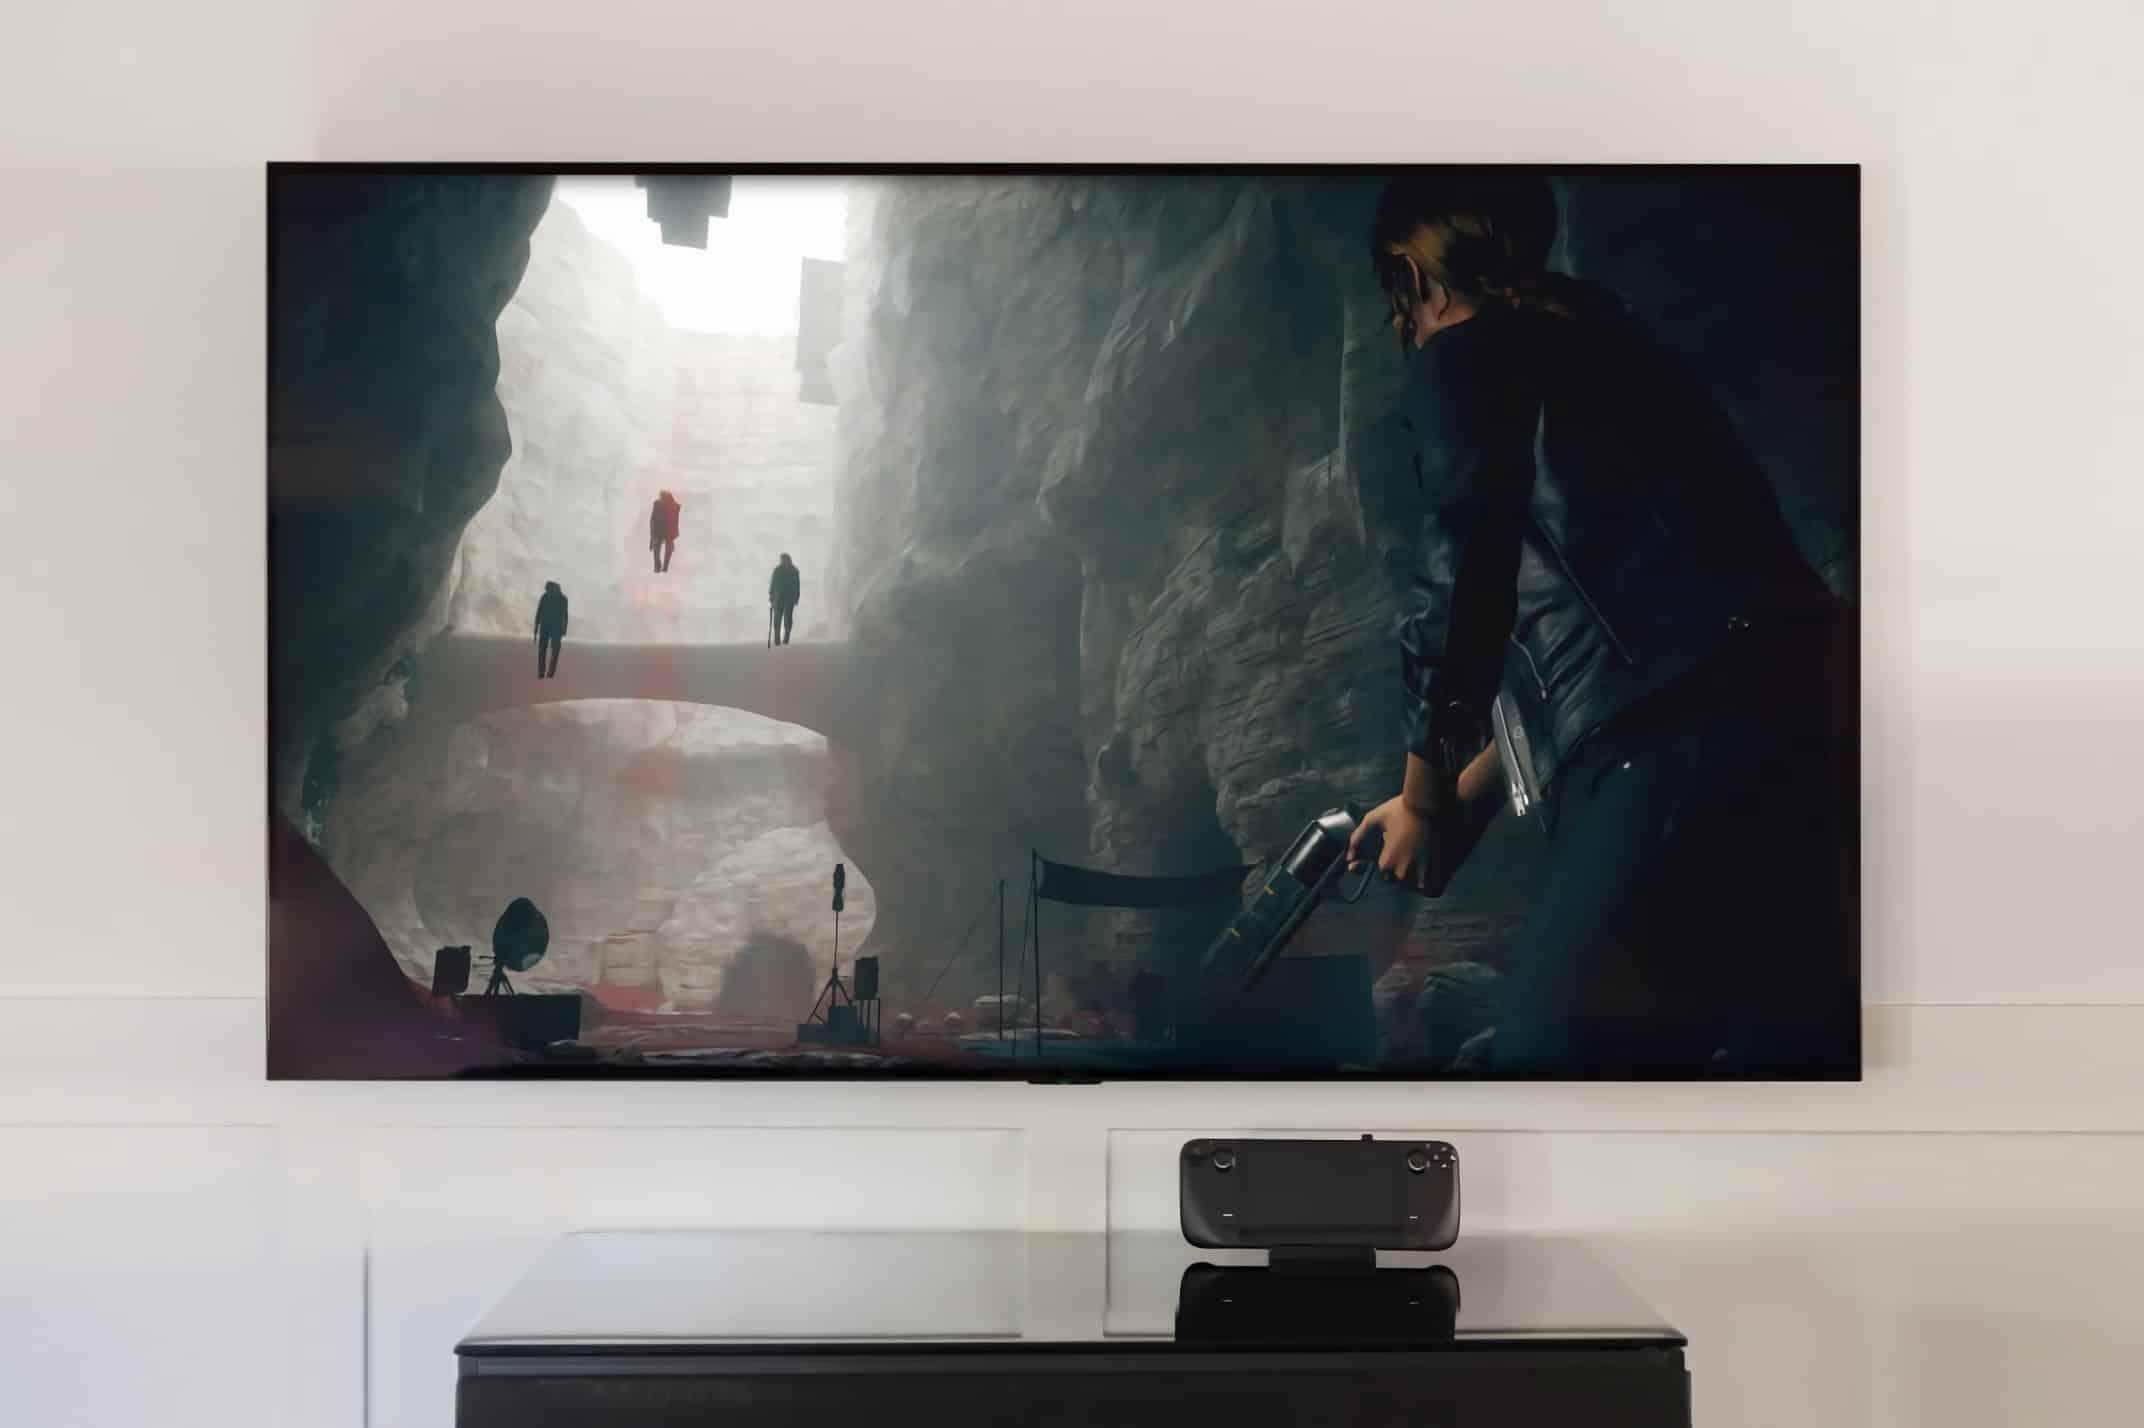 Le Steam Deck peut être connecté à un téléviseur (TV)